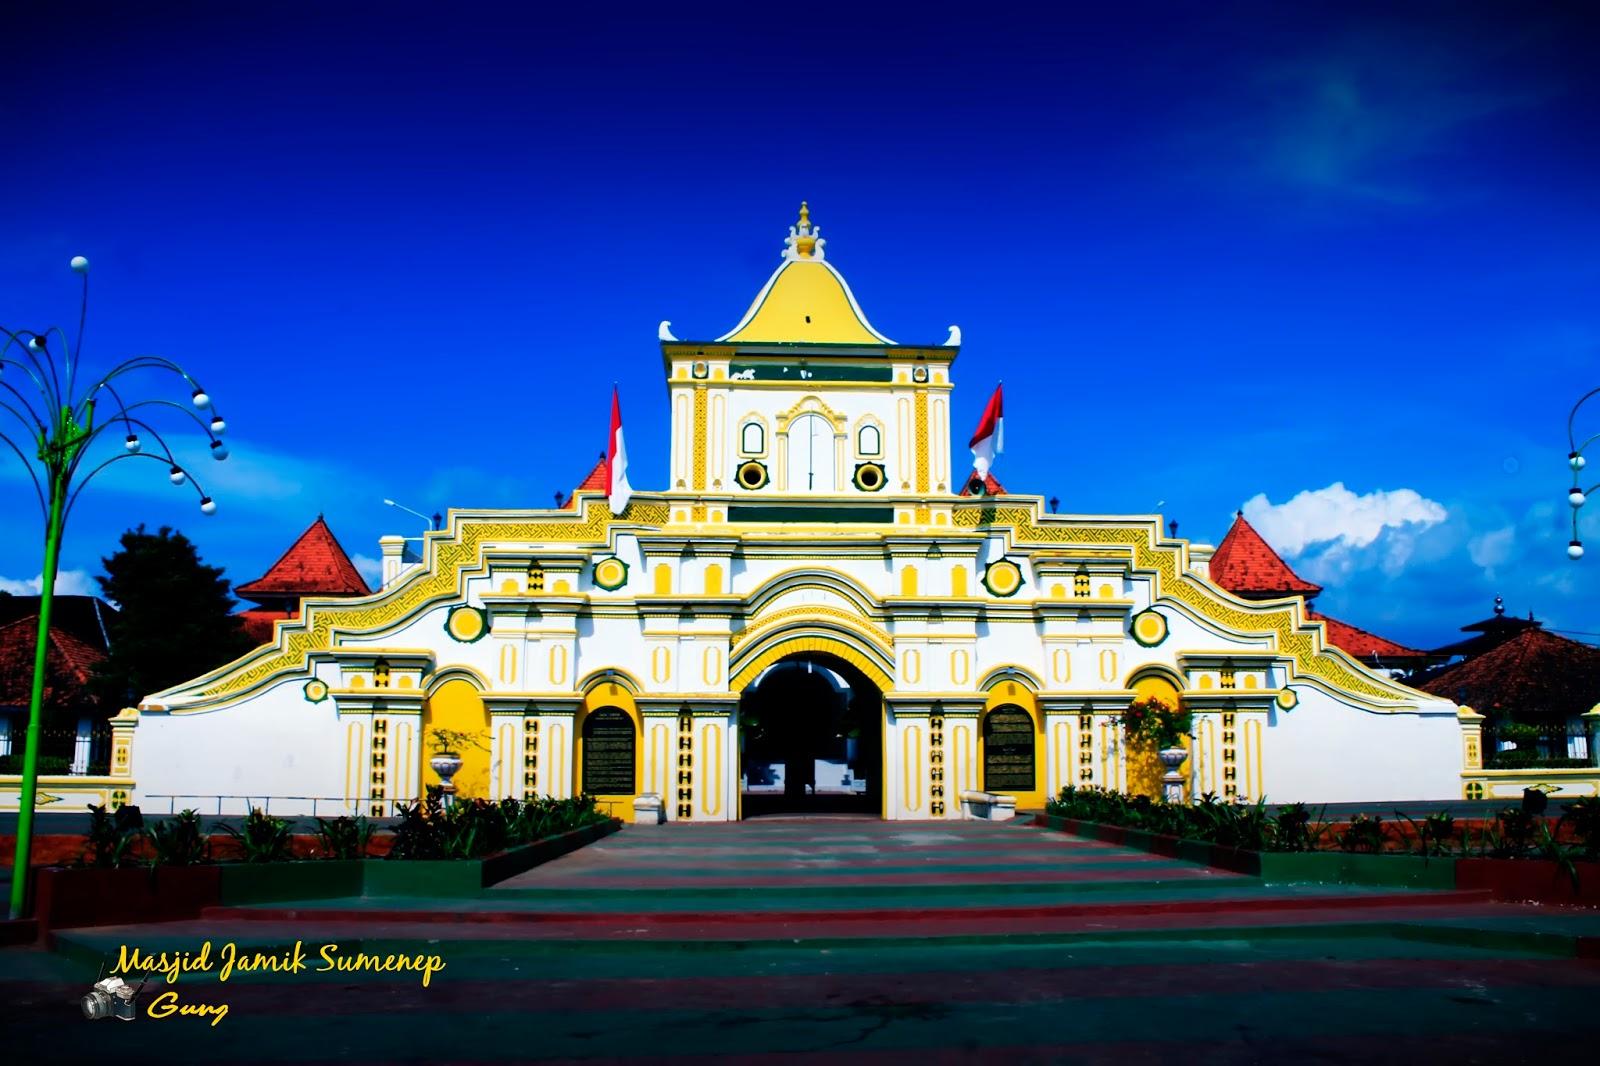 Penamerah Potensi Wisata Kota Sumenep Masjid Agung Kab